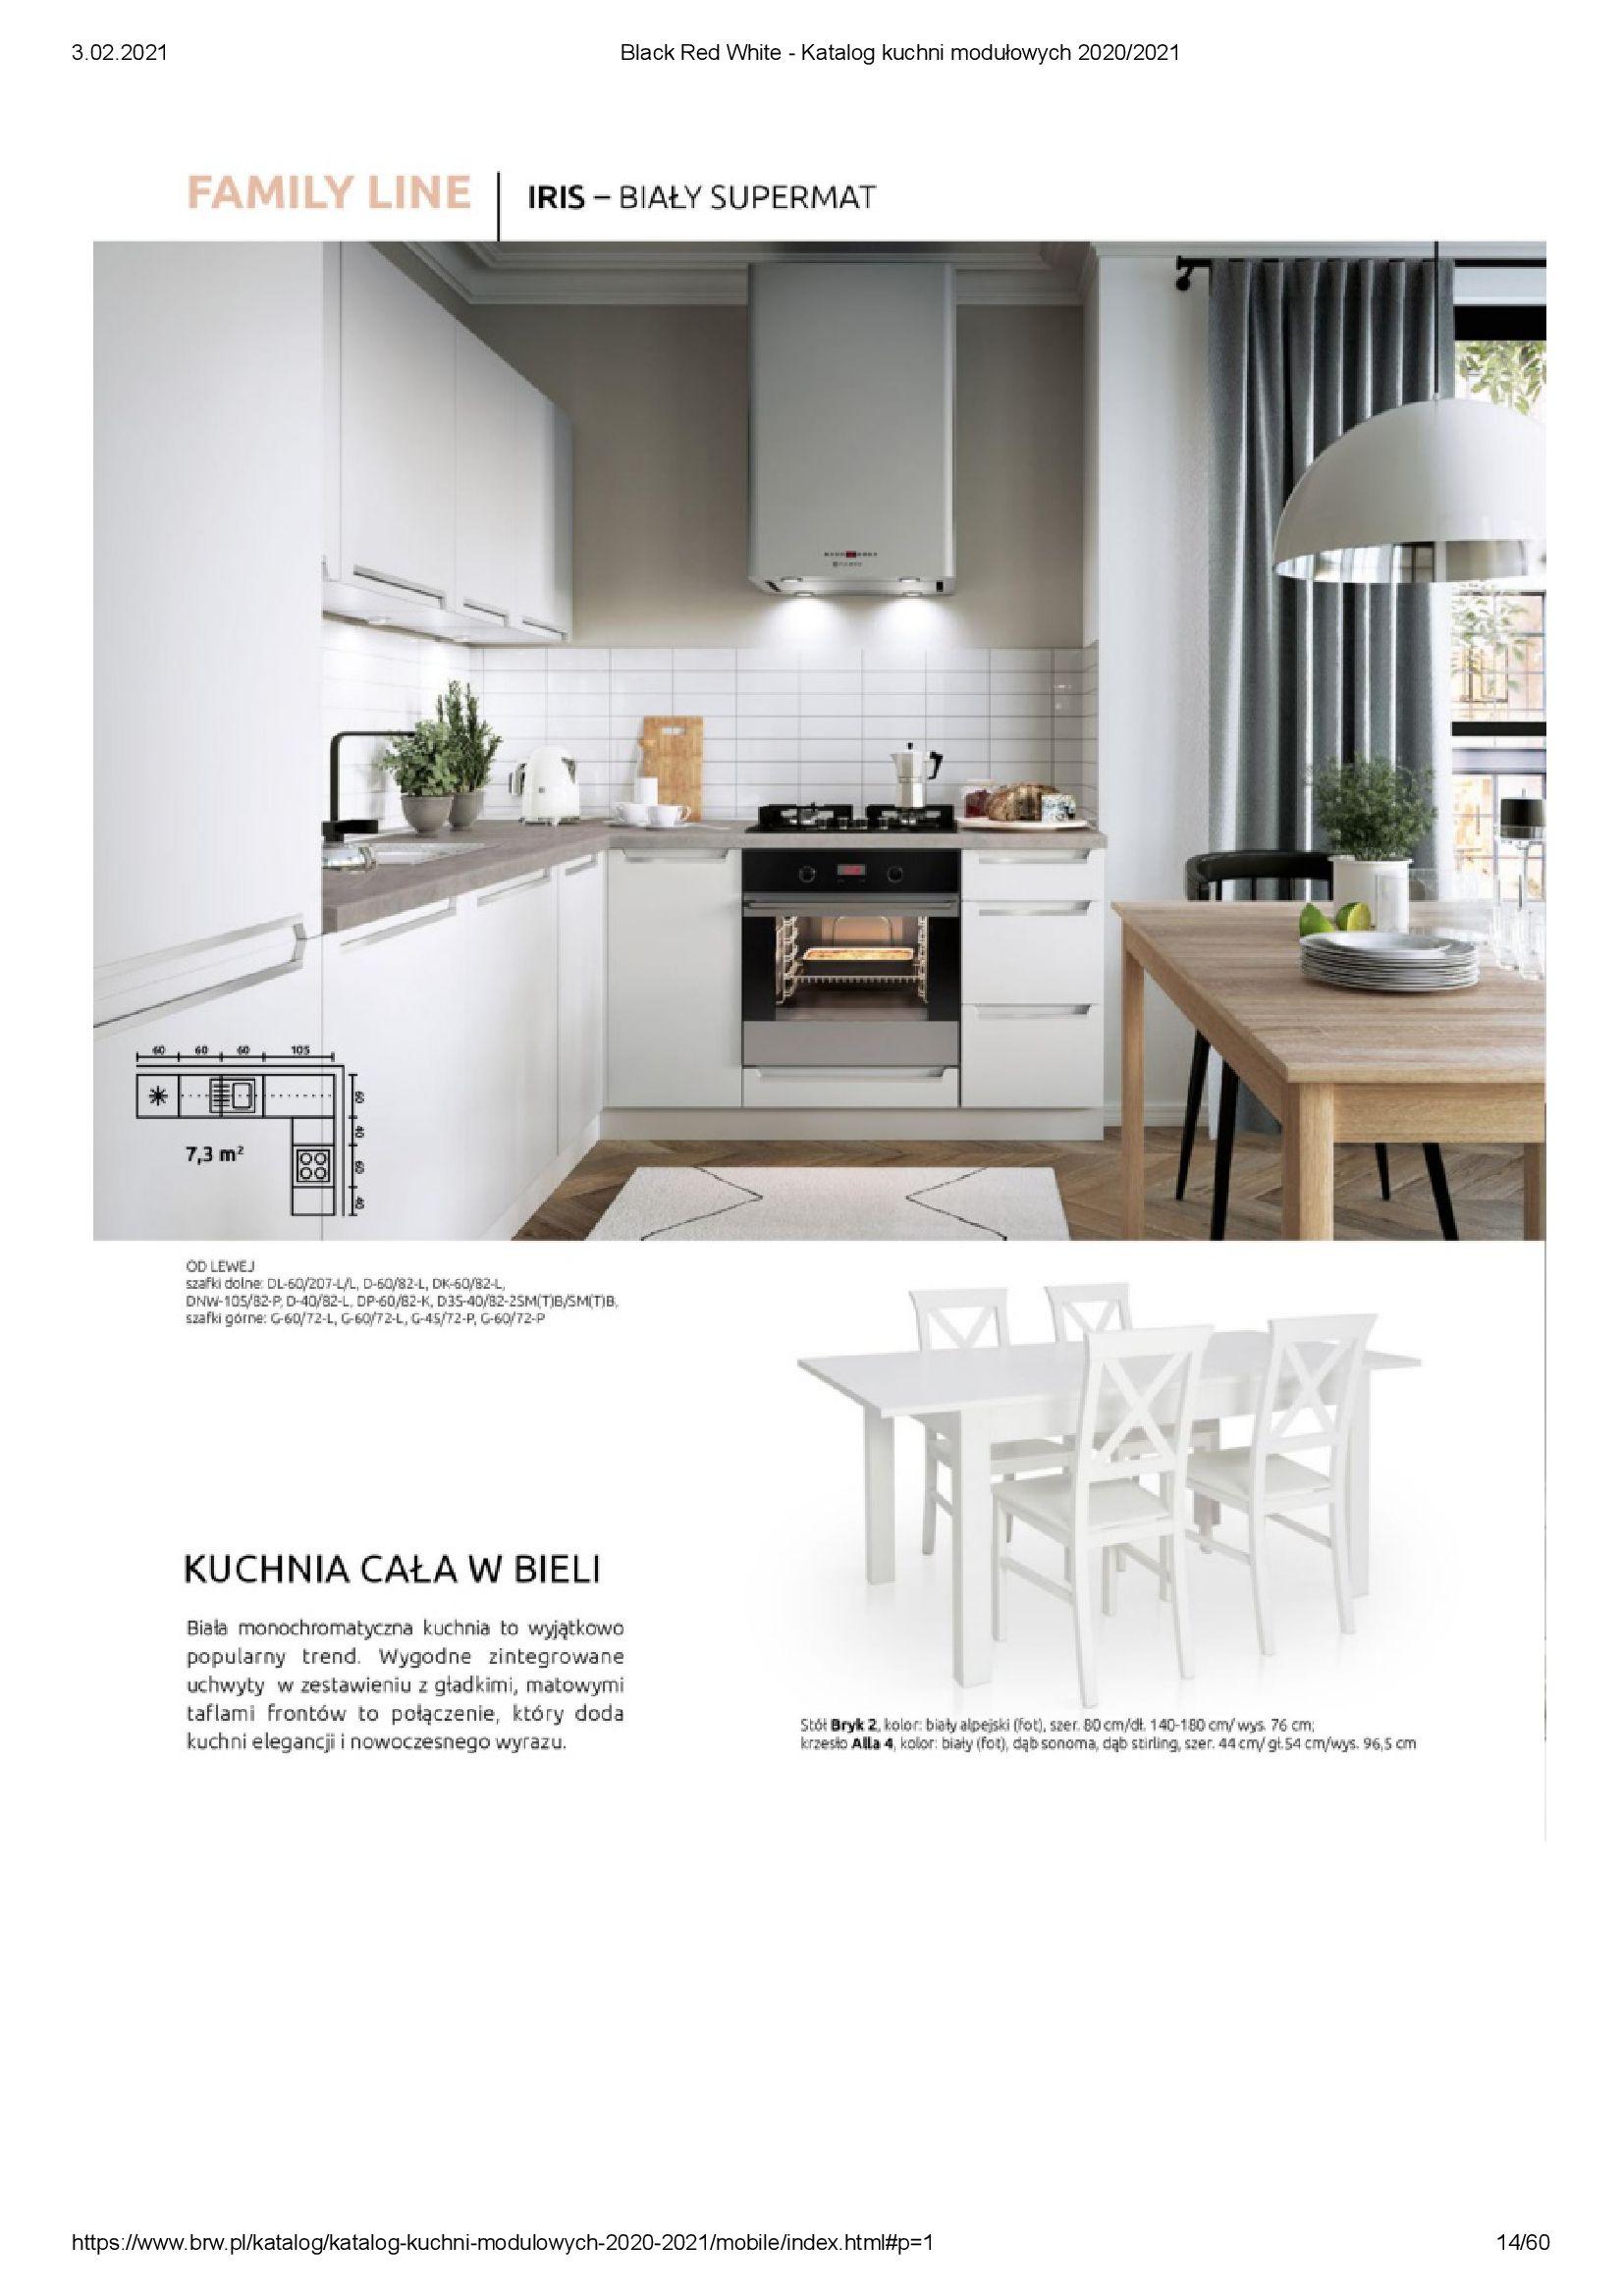 Gazetka Black Red White: Katalog - Kuchnie modułowe 2020/2021 2021-01-01 page-14